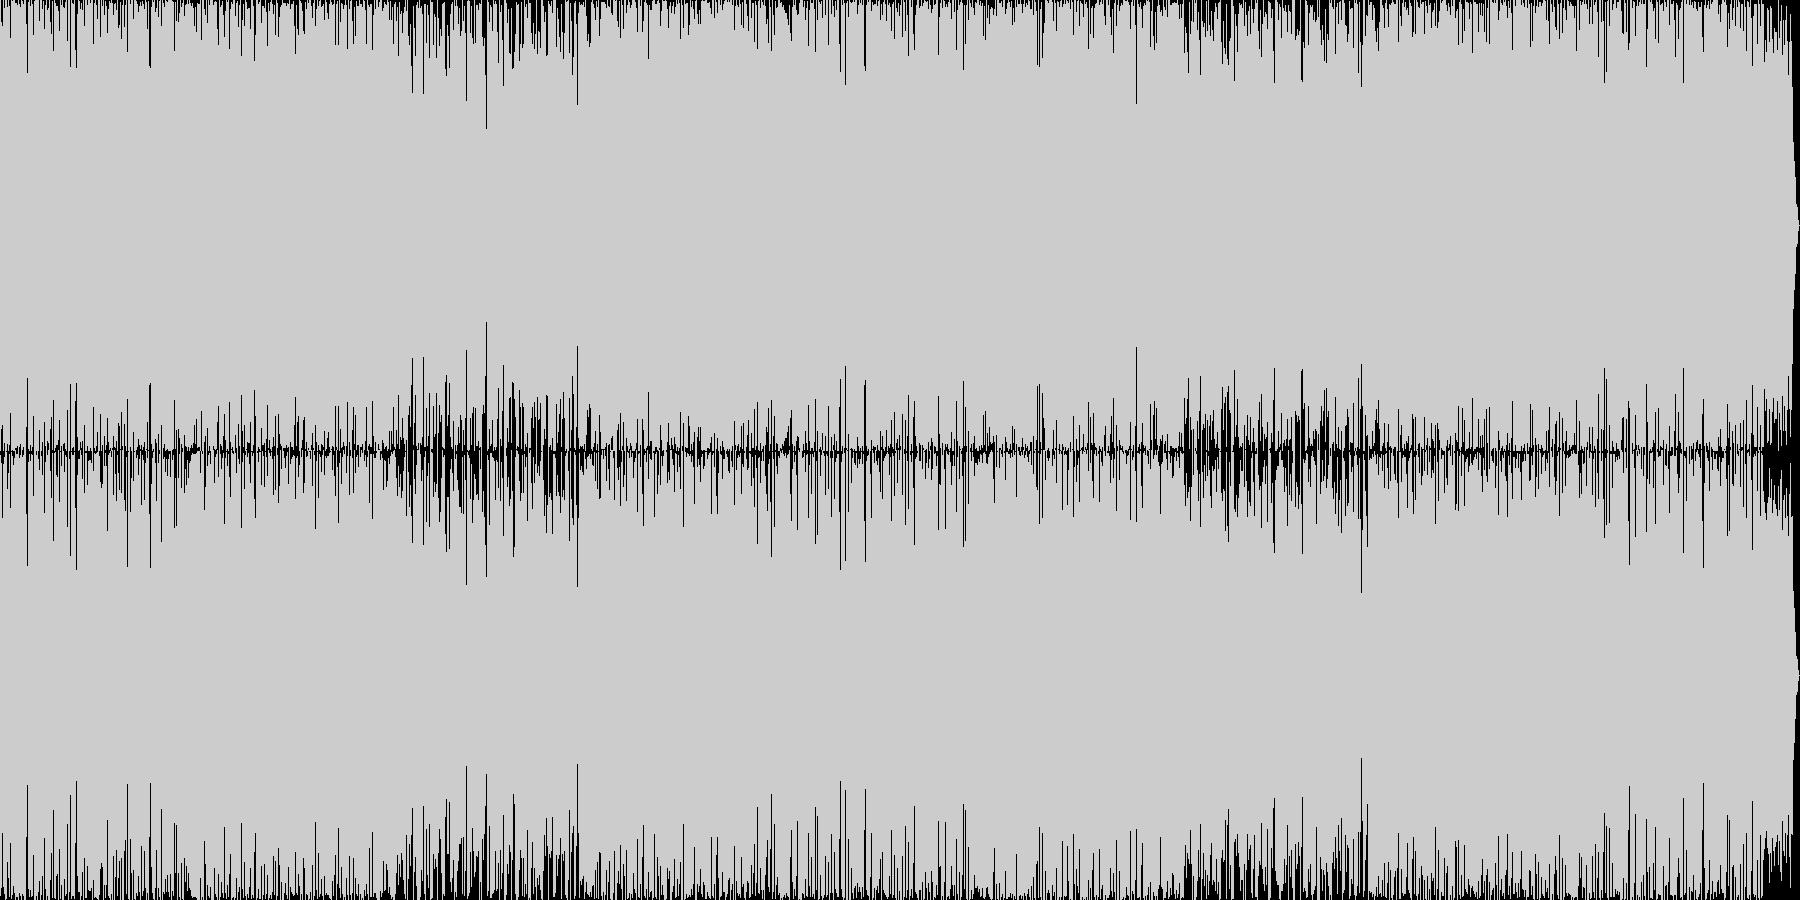 マリンバが可愛らしい個性的なインストの未再生の波形